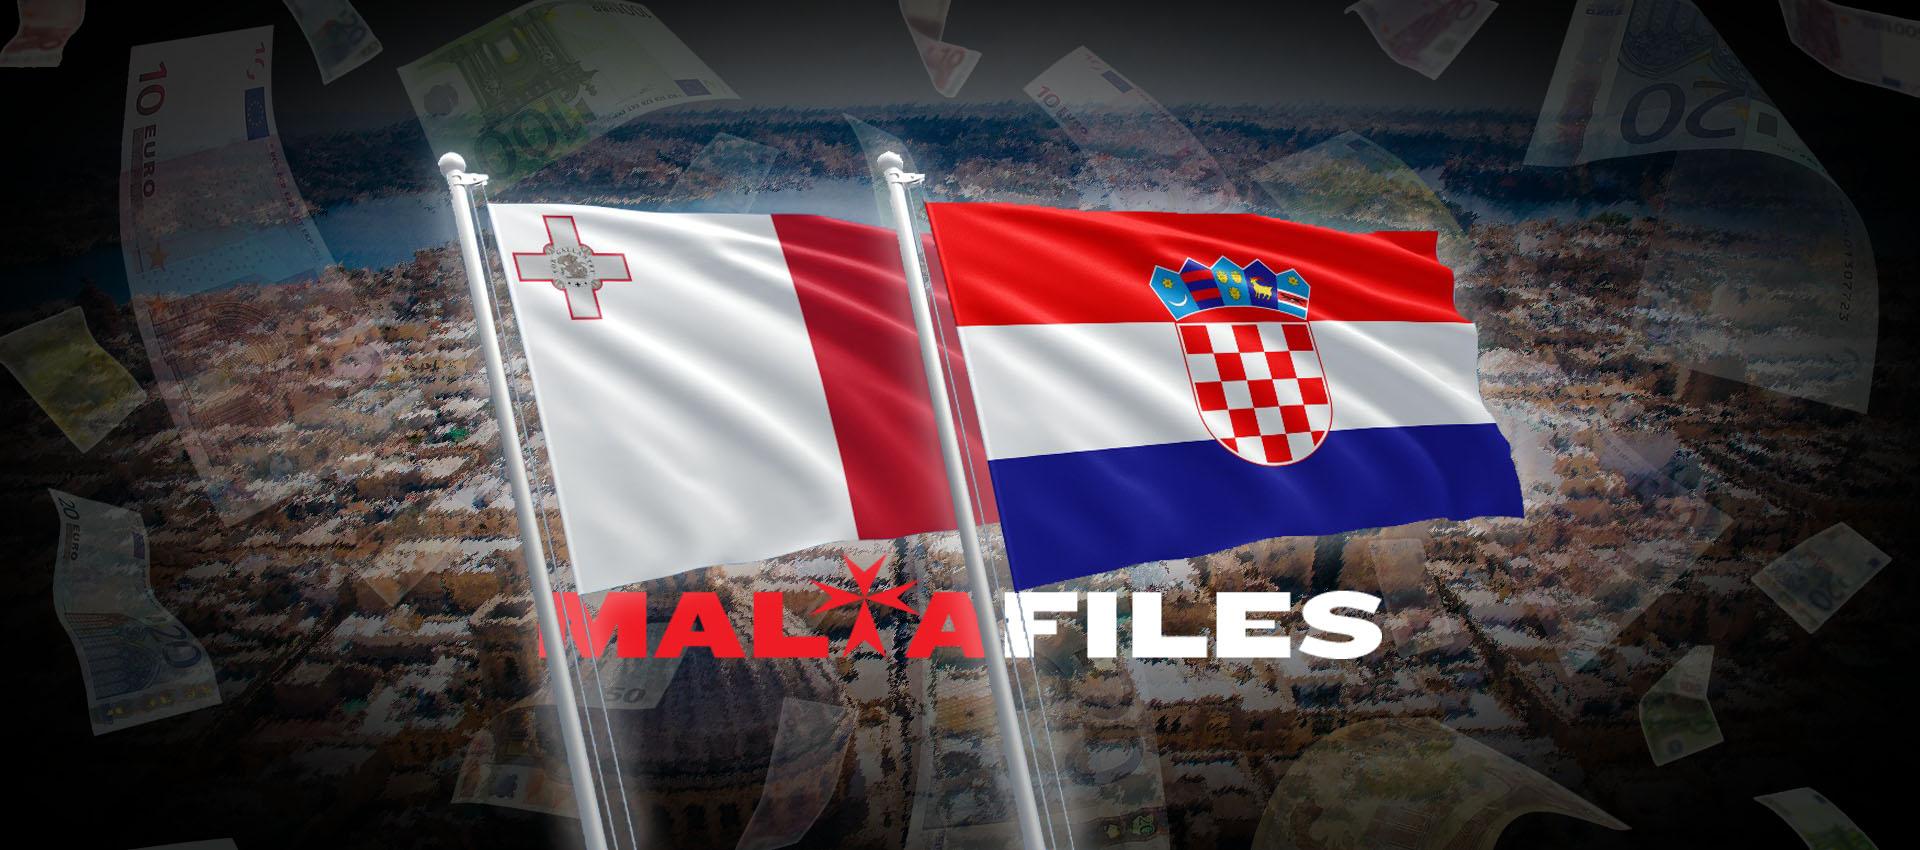 MALTA FILES: Ekskluzivno donosimo imena hrvatskih državljana koji su otvorili off-shore tvrtke na Malti